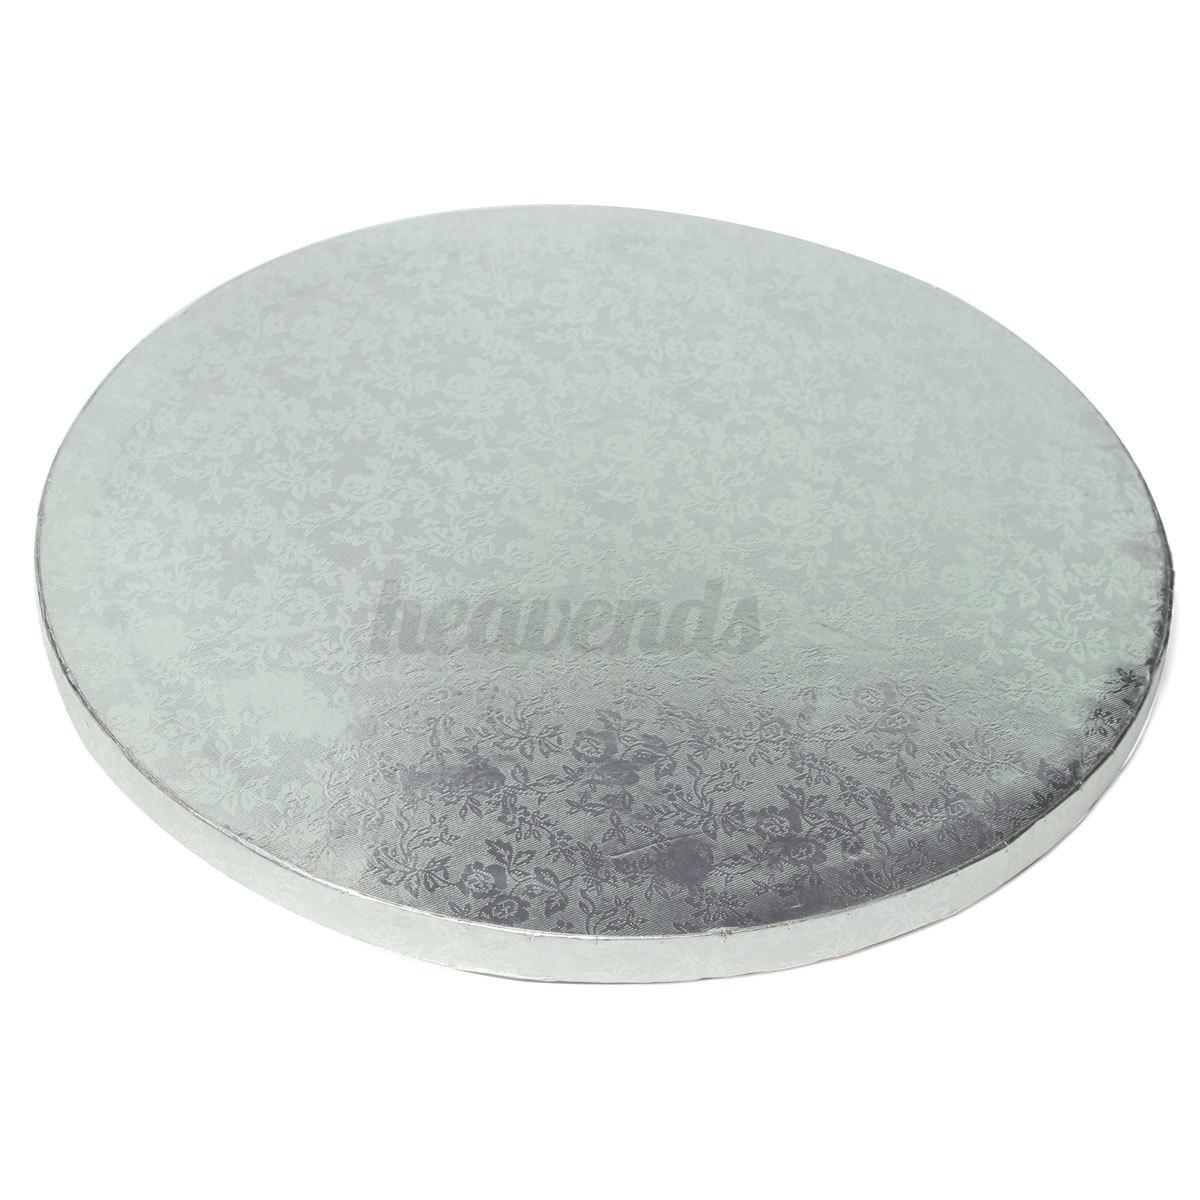 silber rund kuchenplatte tortenplatte st nder halter f r hochzeit geburtstag neu ebay. Black Bedroom Furniture Sets. Home Design Ideas